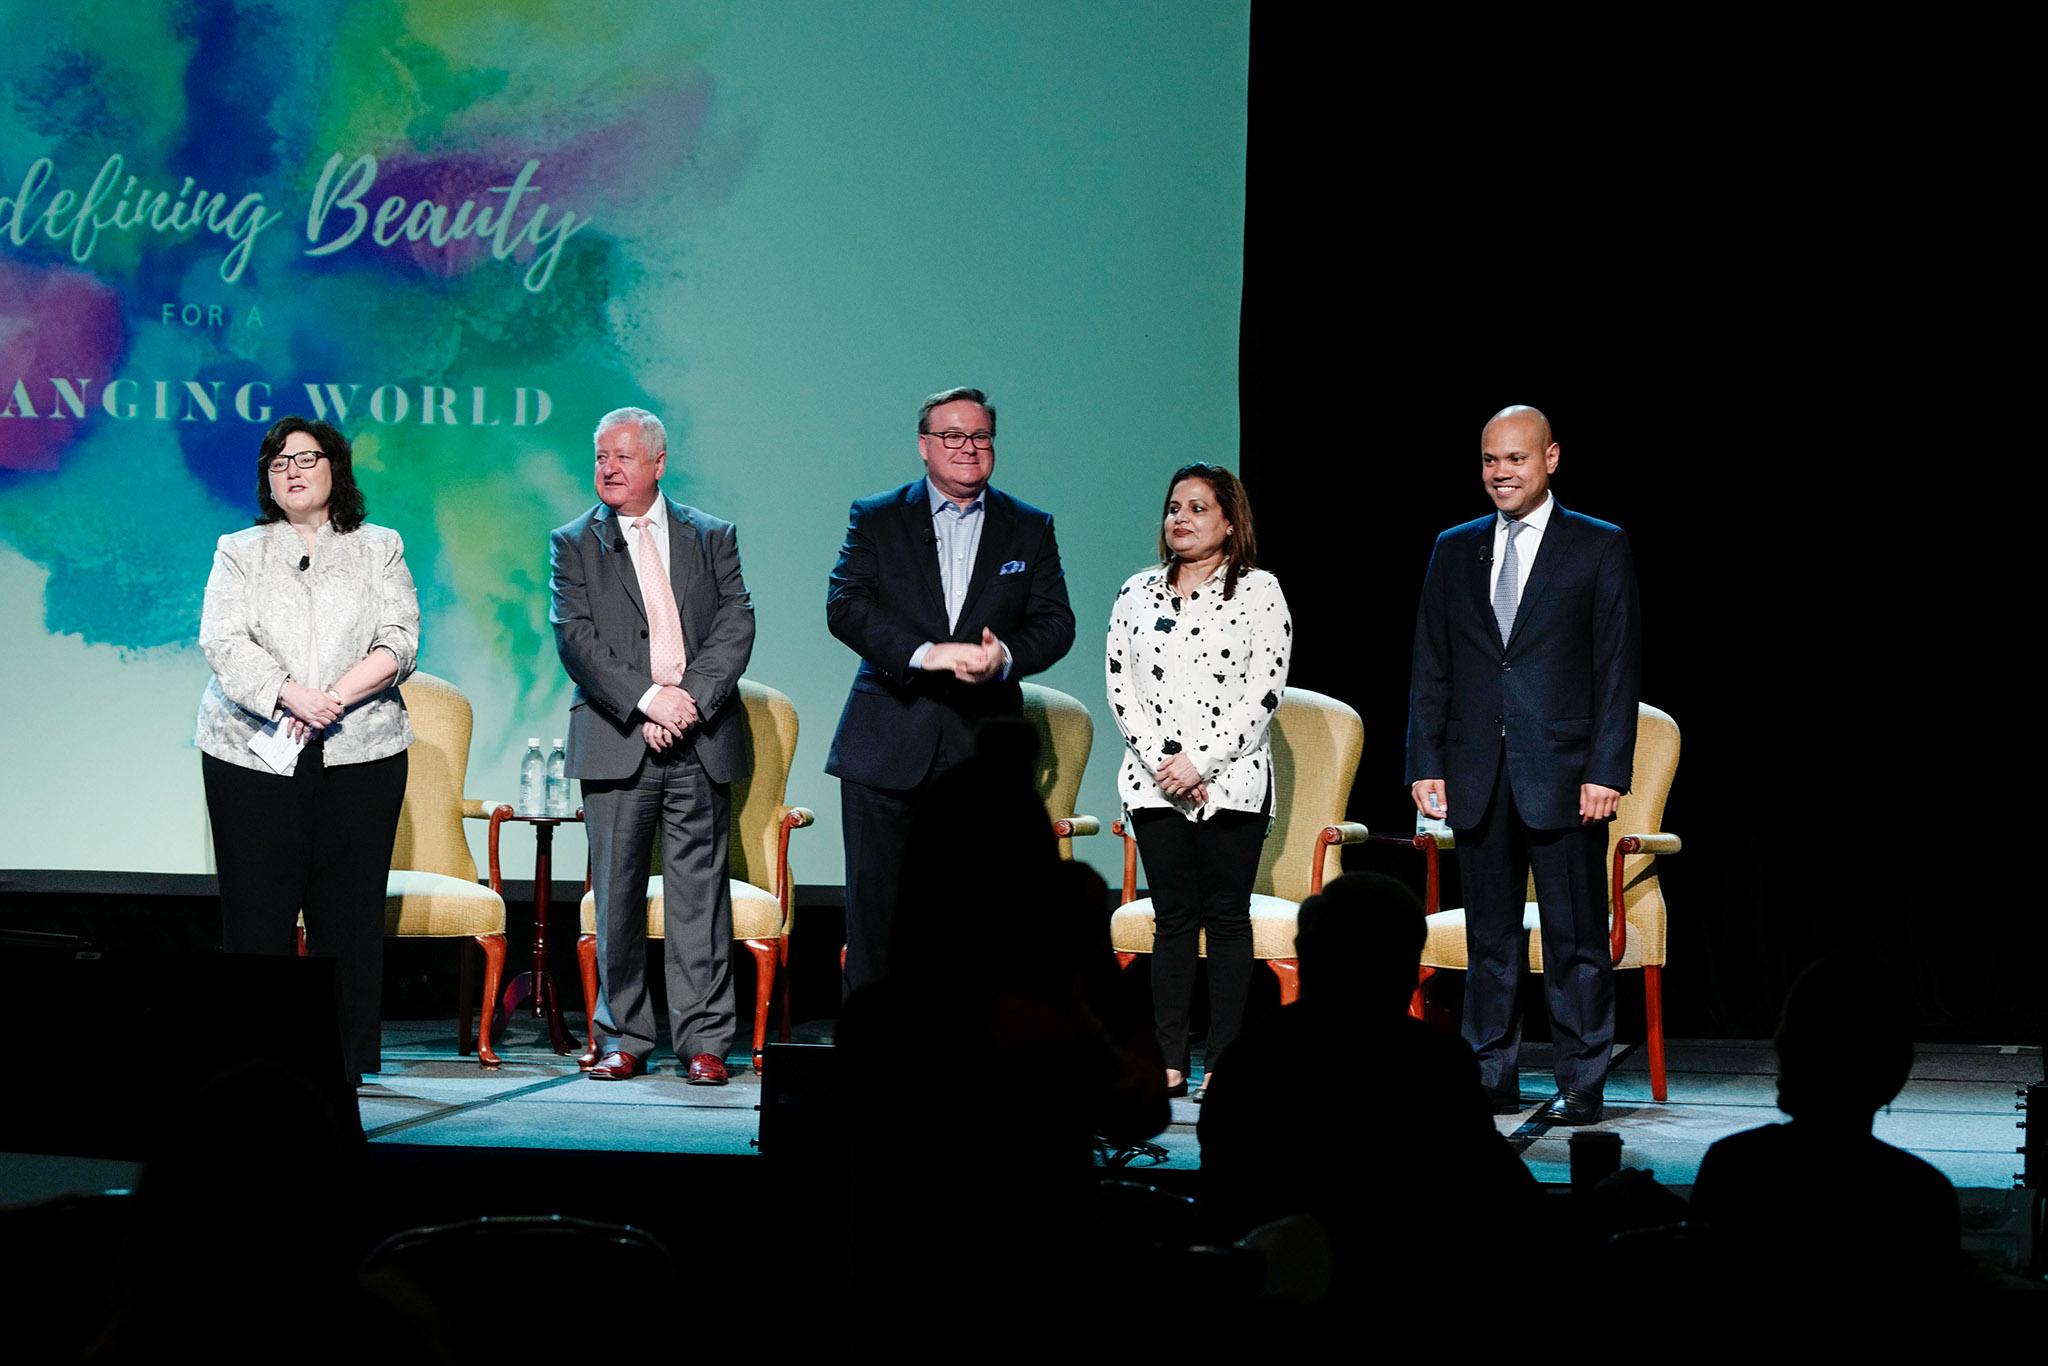 The Global Panel